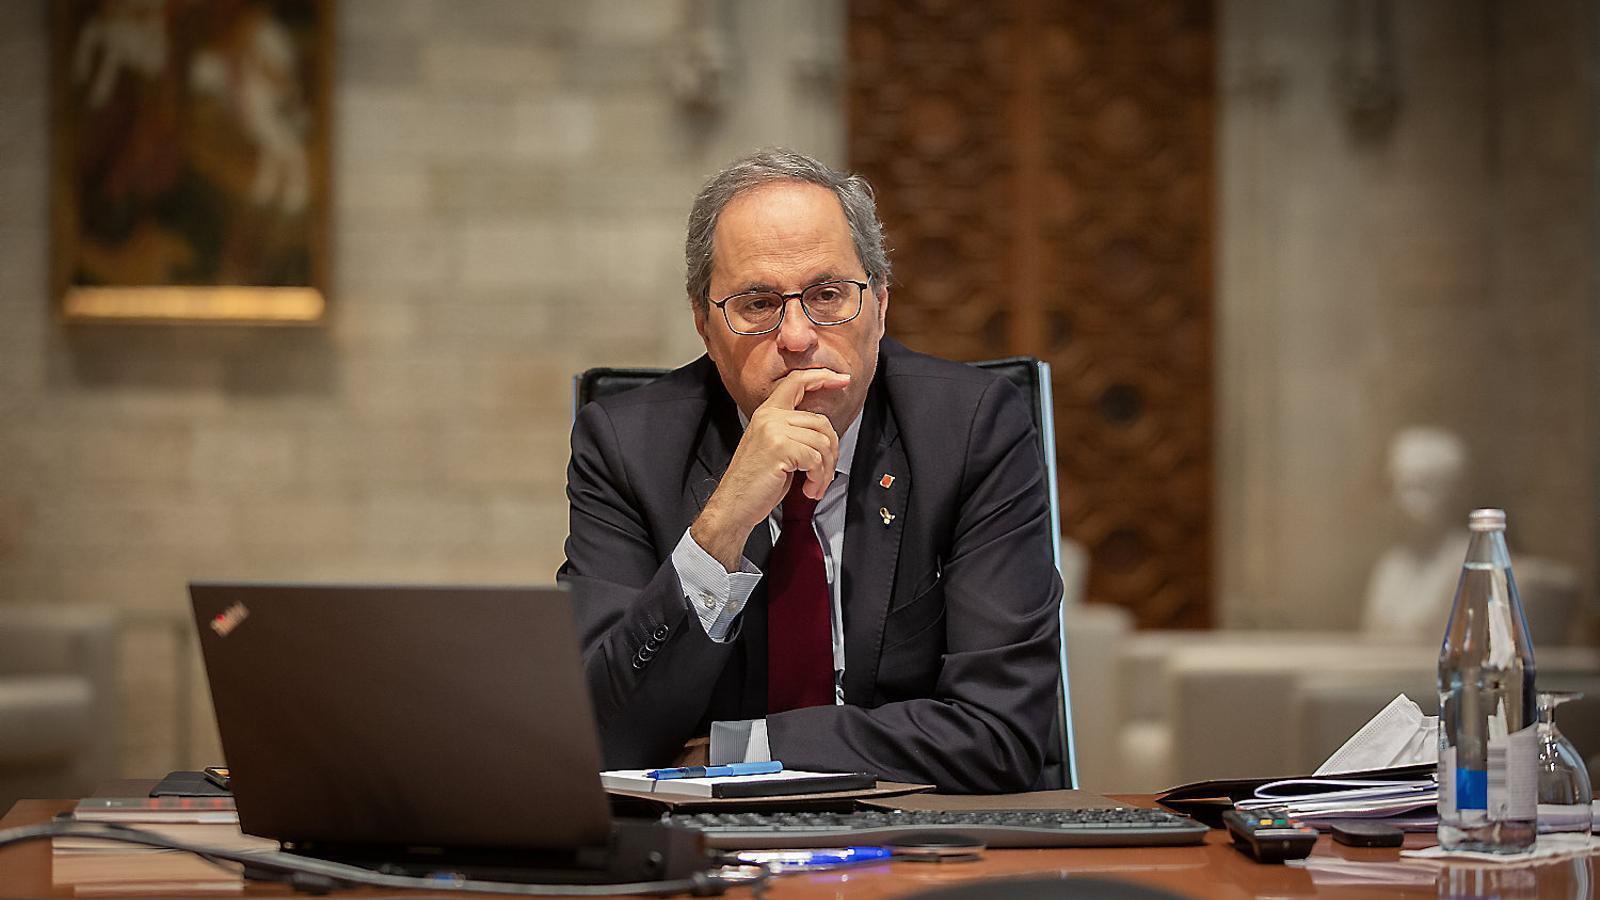 L'informe jurídic no apaivaga els recels entre JxCat i ERC